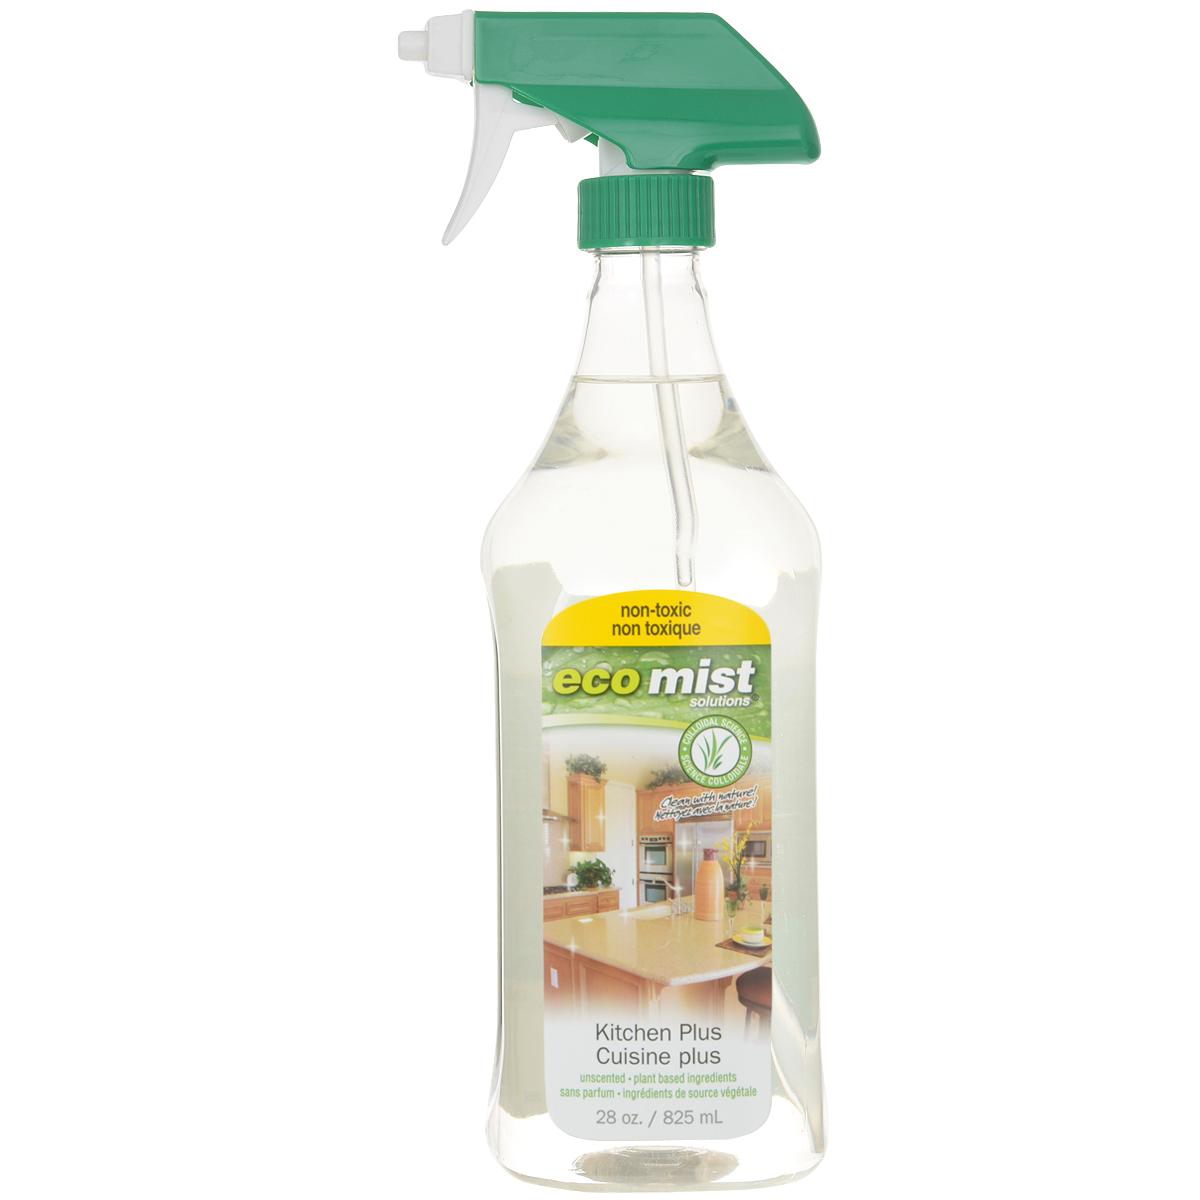 Средство для очистки кухонных поверхностей Eco Mist, 825 млHD-8000SXСредство специального назначения Eco Mist дляежедневной уборке на кухне. Используется для мгновенного придания свежести и чистоты плит, столешниц, раковин, смесителей, шкафов, приборов и стен. Поверхности остаются гладкими и чистыми. Нейтрализует неприятные запахи.Состав: дехлорированная вода, экстракт зерна, древесный сок, злаки, экстракт картофеля, сахарный тростник.